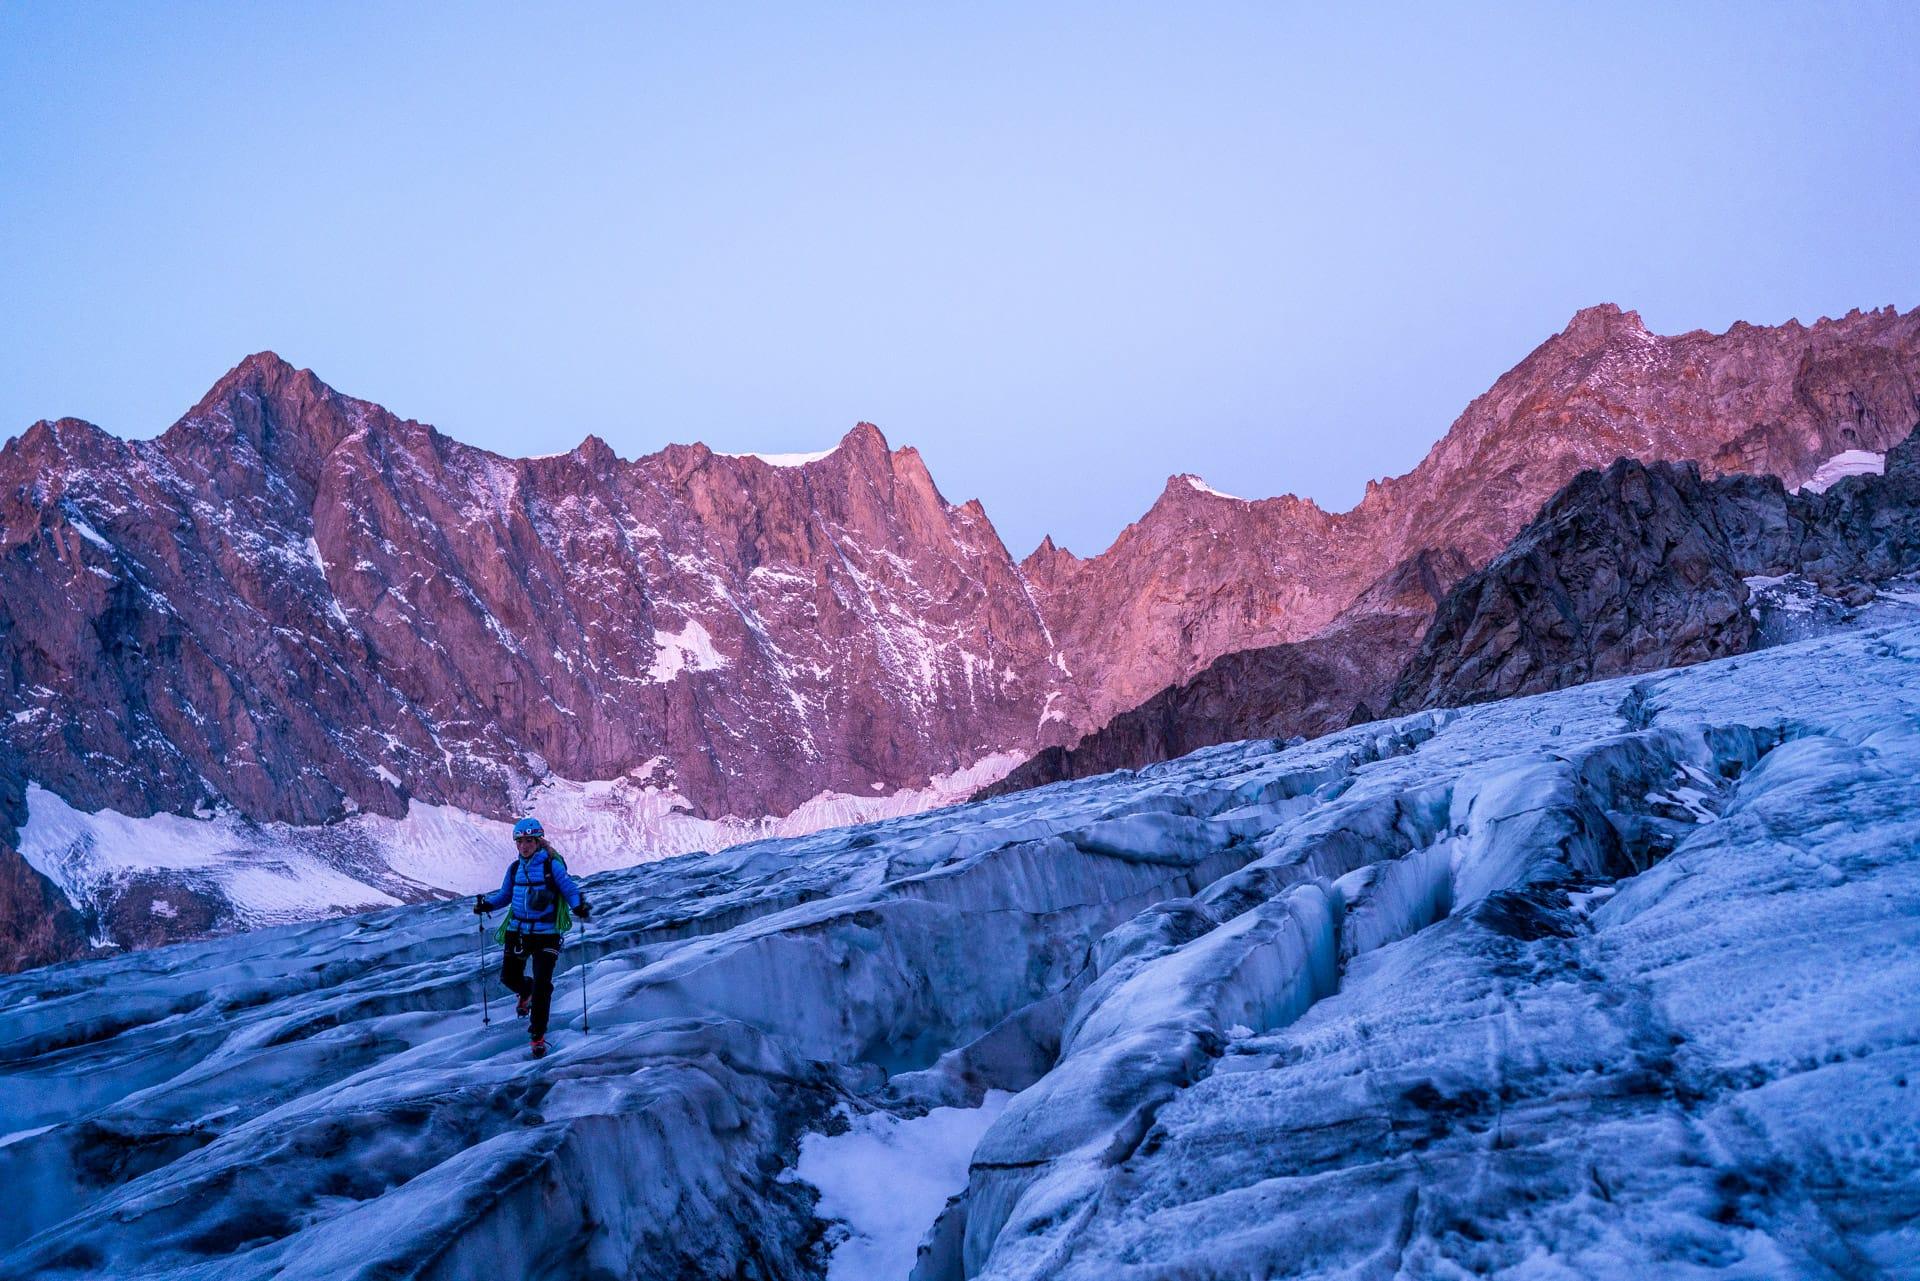 Envers Mont-Blanc #1<br><span id='secondary-title' style='font-size:28px;line-height:34px;color:#fff!important;font-weight:300;display:block;padding-top:34px;'>Envolée sur les traces de Paul Preuss à l'Aiguille de Savoie.</span>